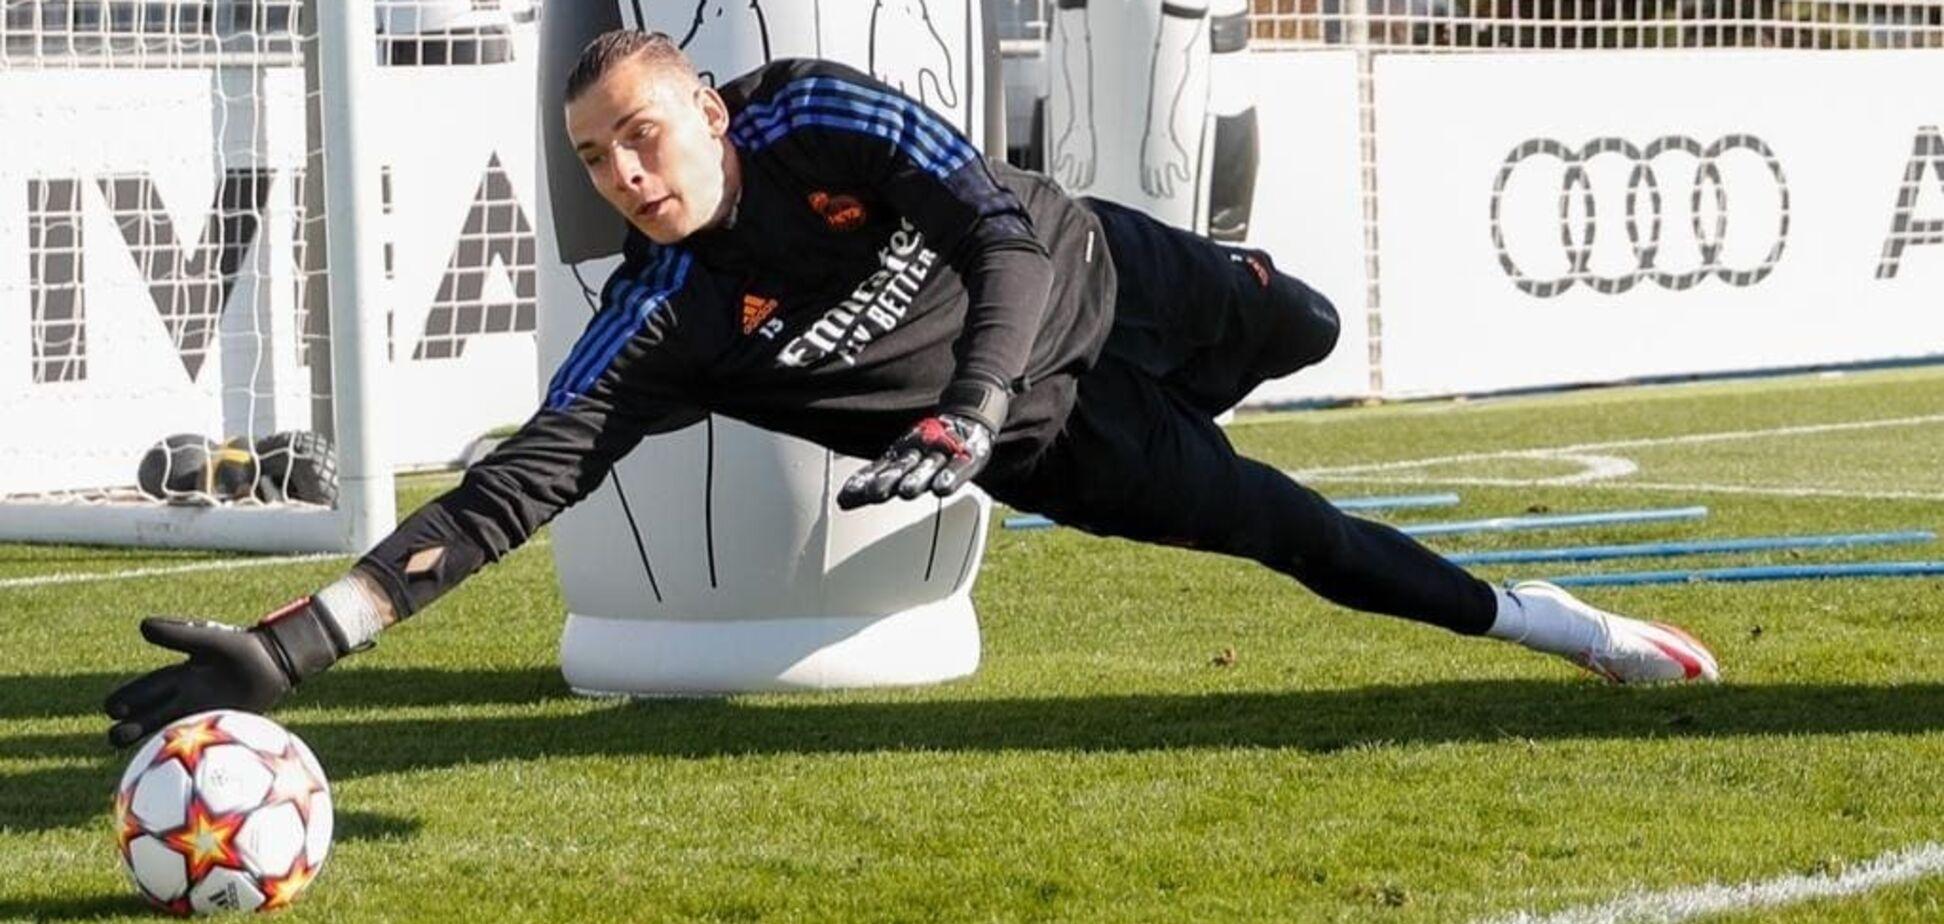 Українець у 'Реалі' отримає шанс: основний воротар травмований